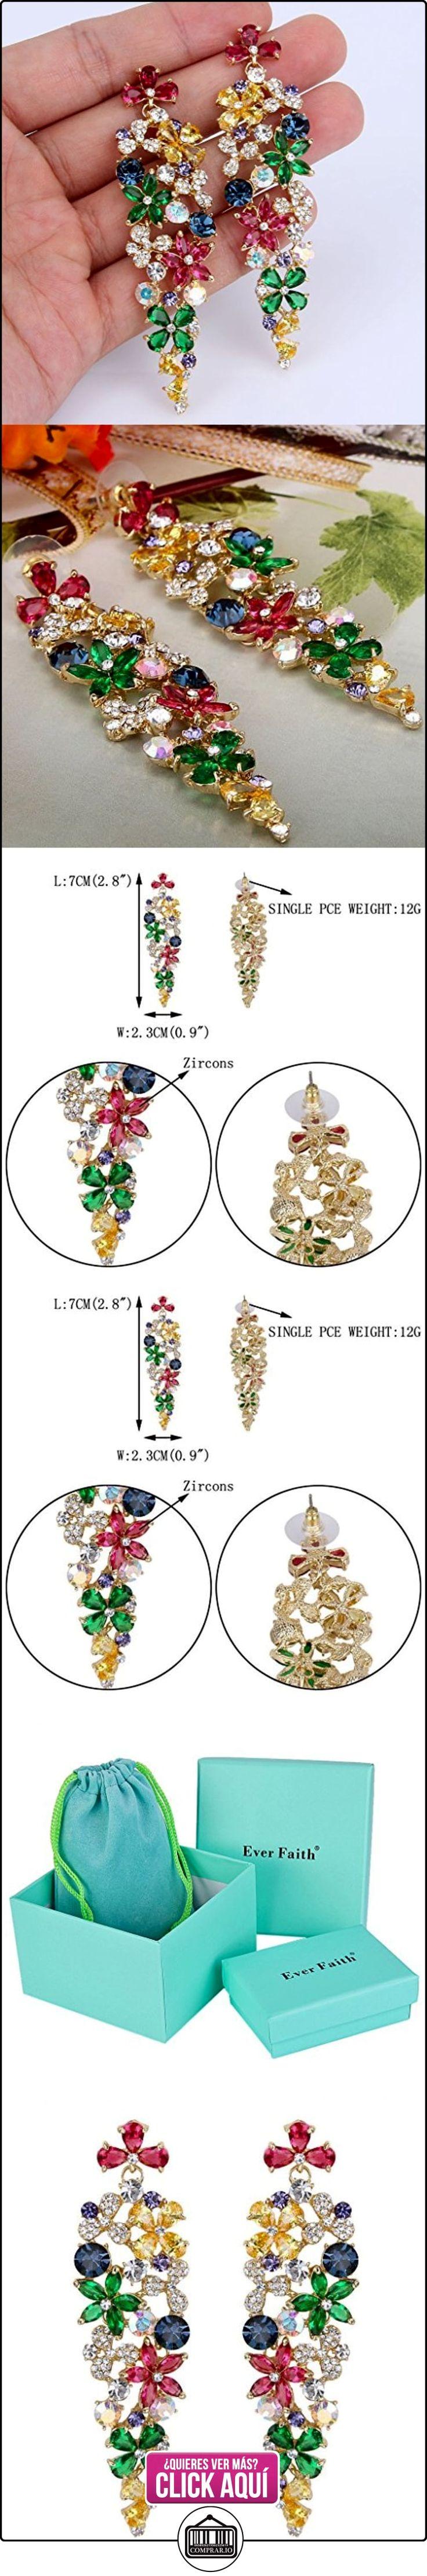 Ever Faith® - CZ Brillante Hibiscus Flor Vino Cristal Boda Novia Pendientes Oro-Tono Multicolor N06164-3  ✿ Joyas para mujer - Las mejores ofertas ✿ ▬► Ver oferta: http://comprar.io/goto/B010V1K7GY